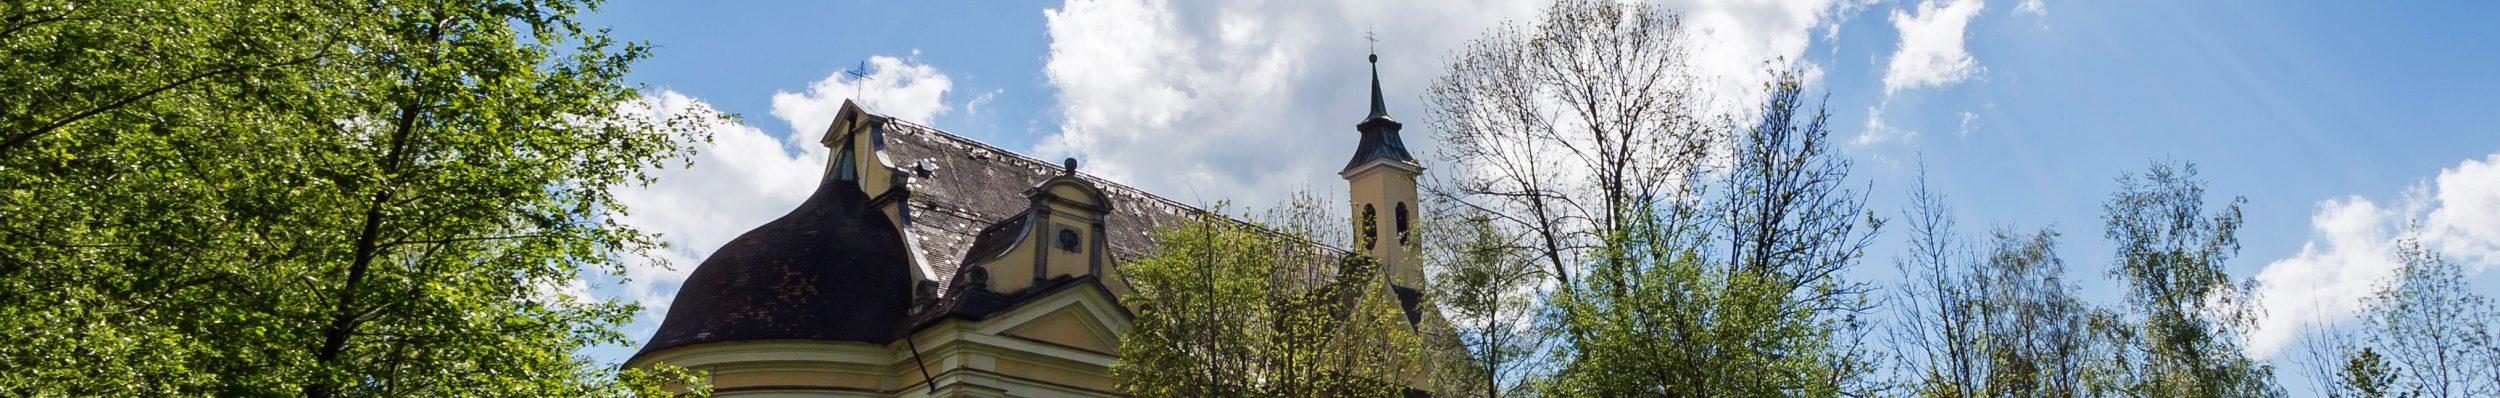 Kulturverein St. Rasso e.V.